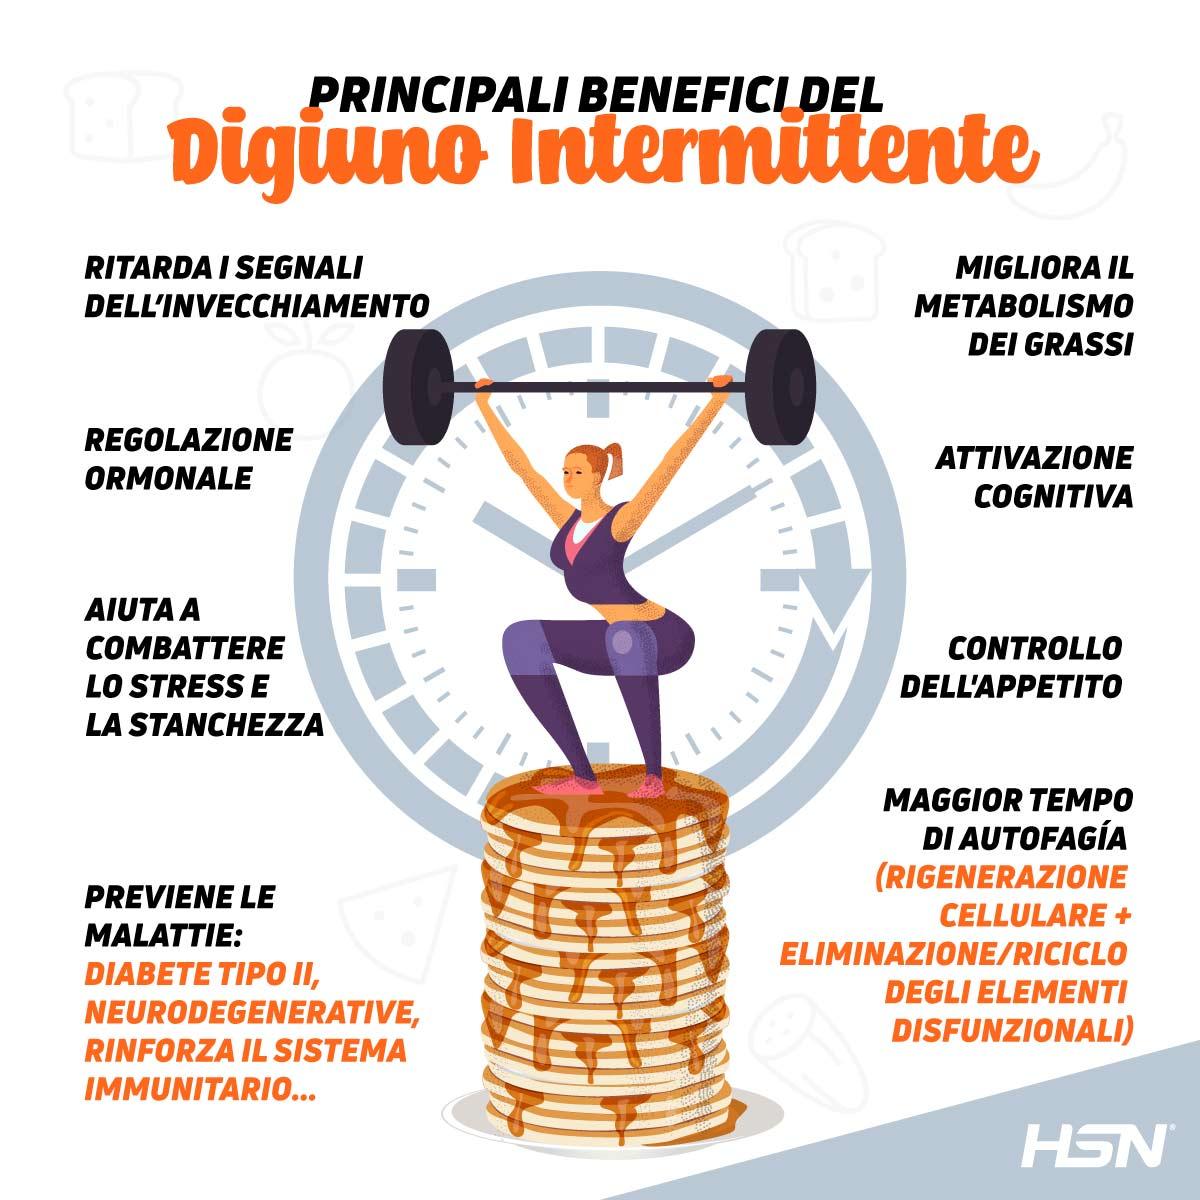 Benefici per la salute del Digiuno Intermittente